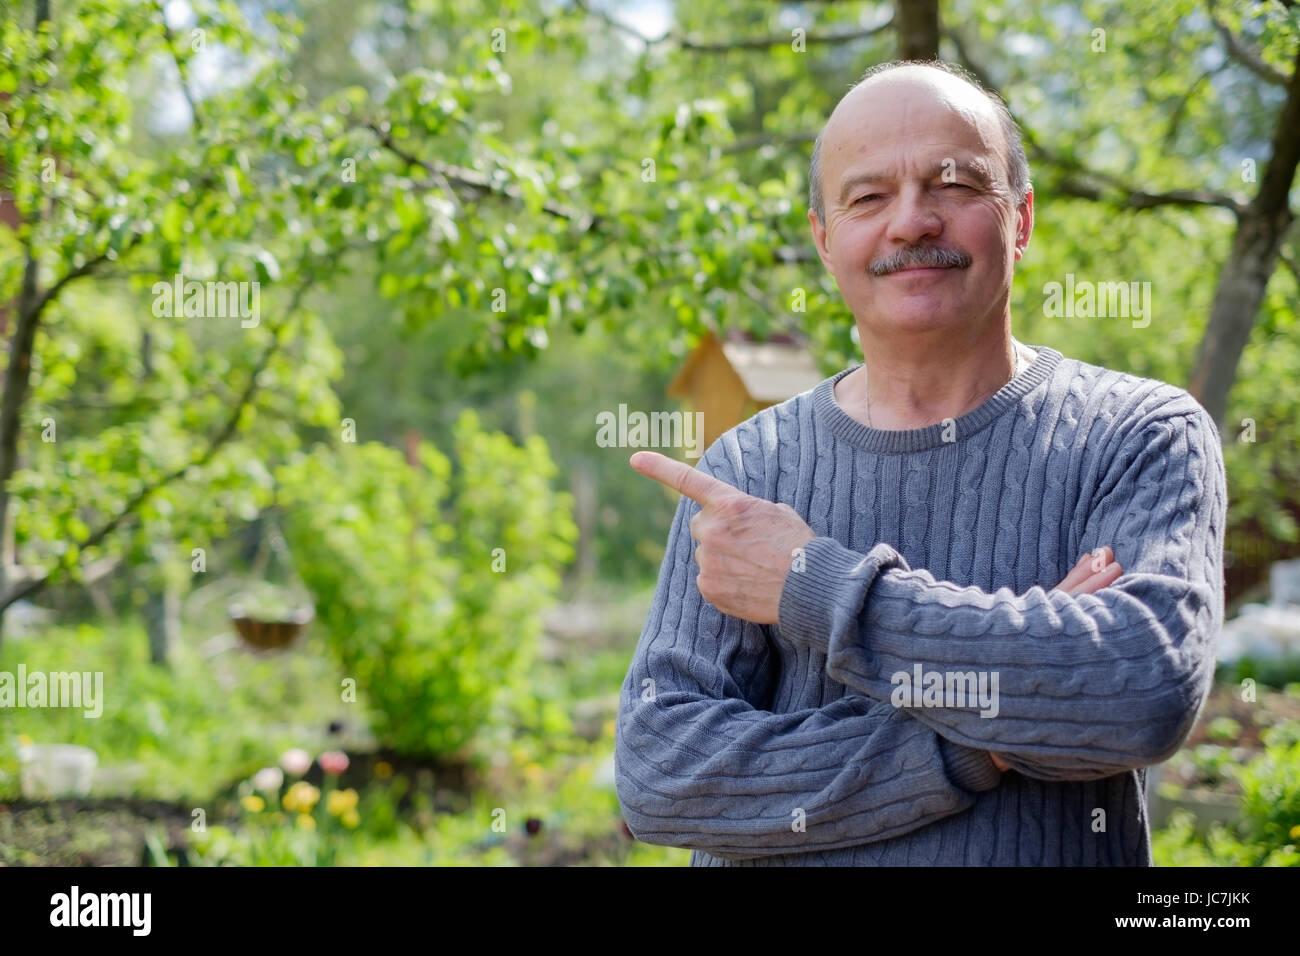 Reifer Mann sitzen im Garten in der Nähe von Apfelbaum im Lande. Er zeigt Zeigefinger beiseite. Stockbild